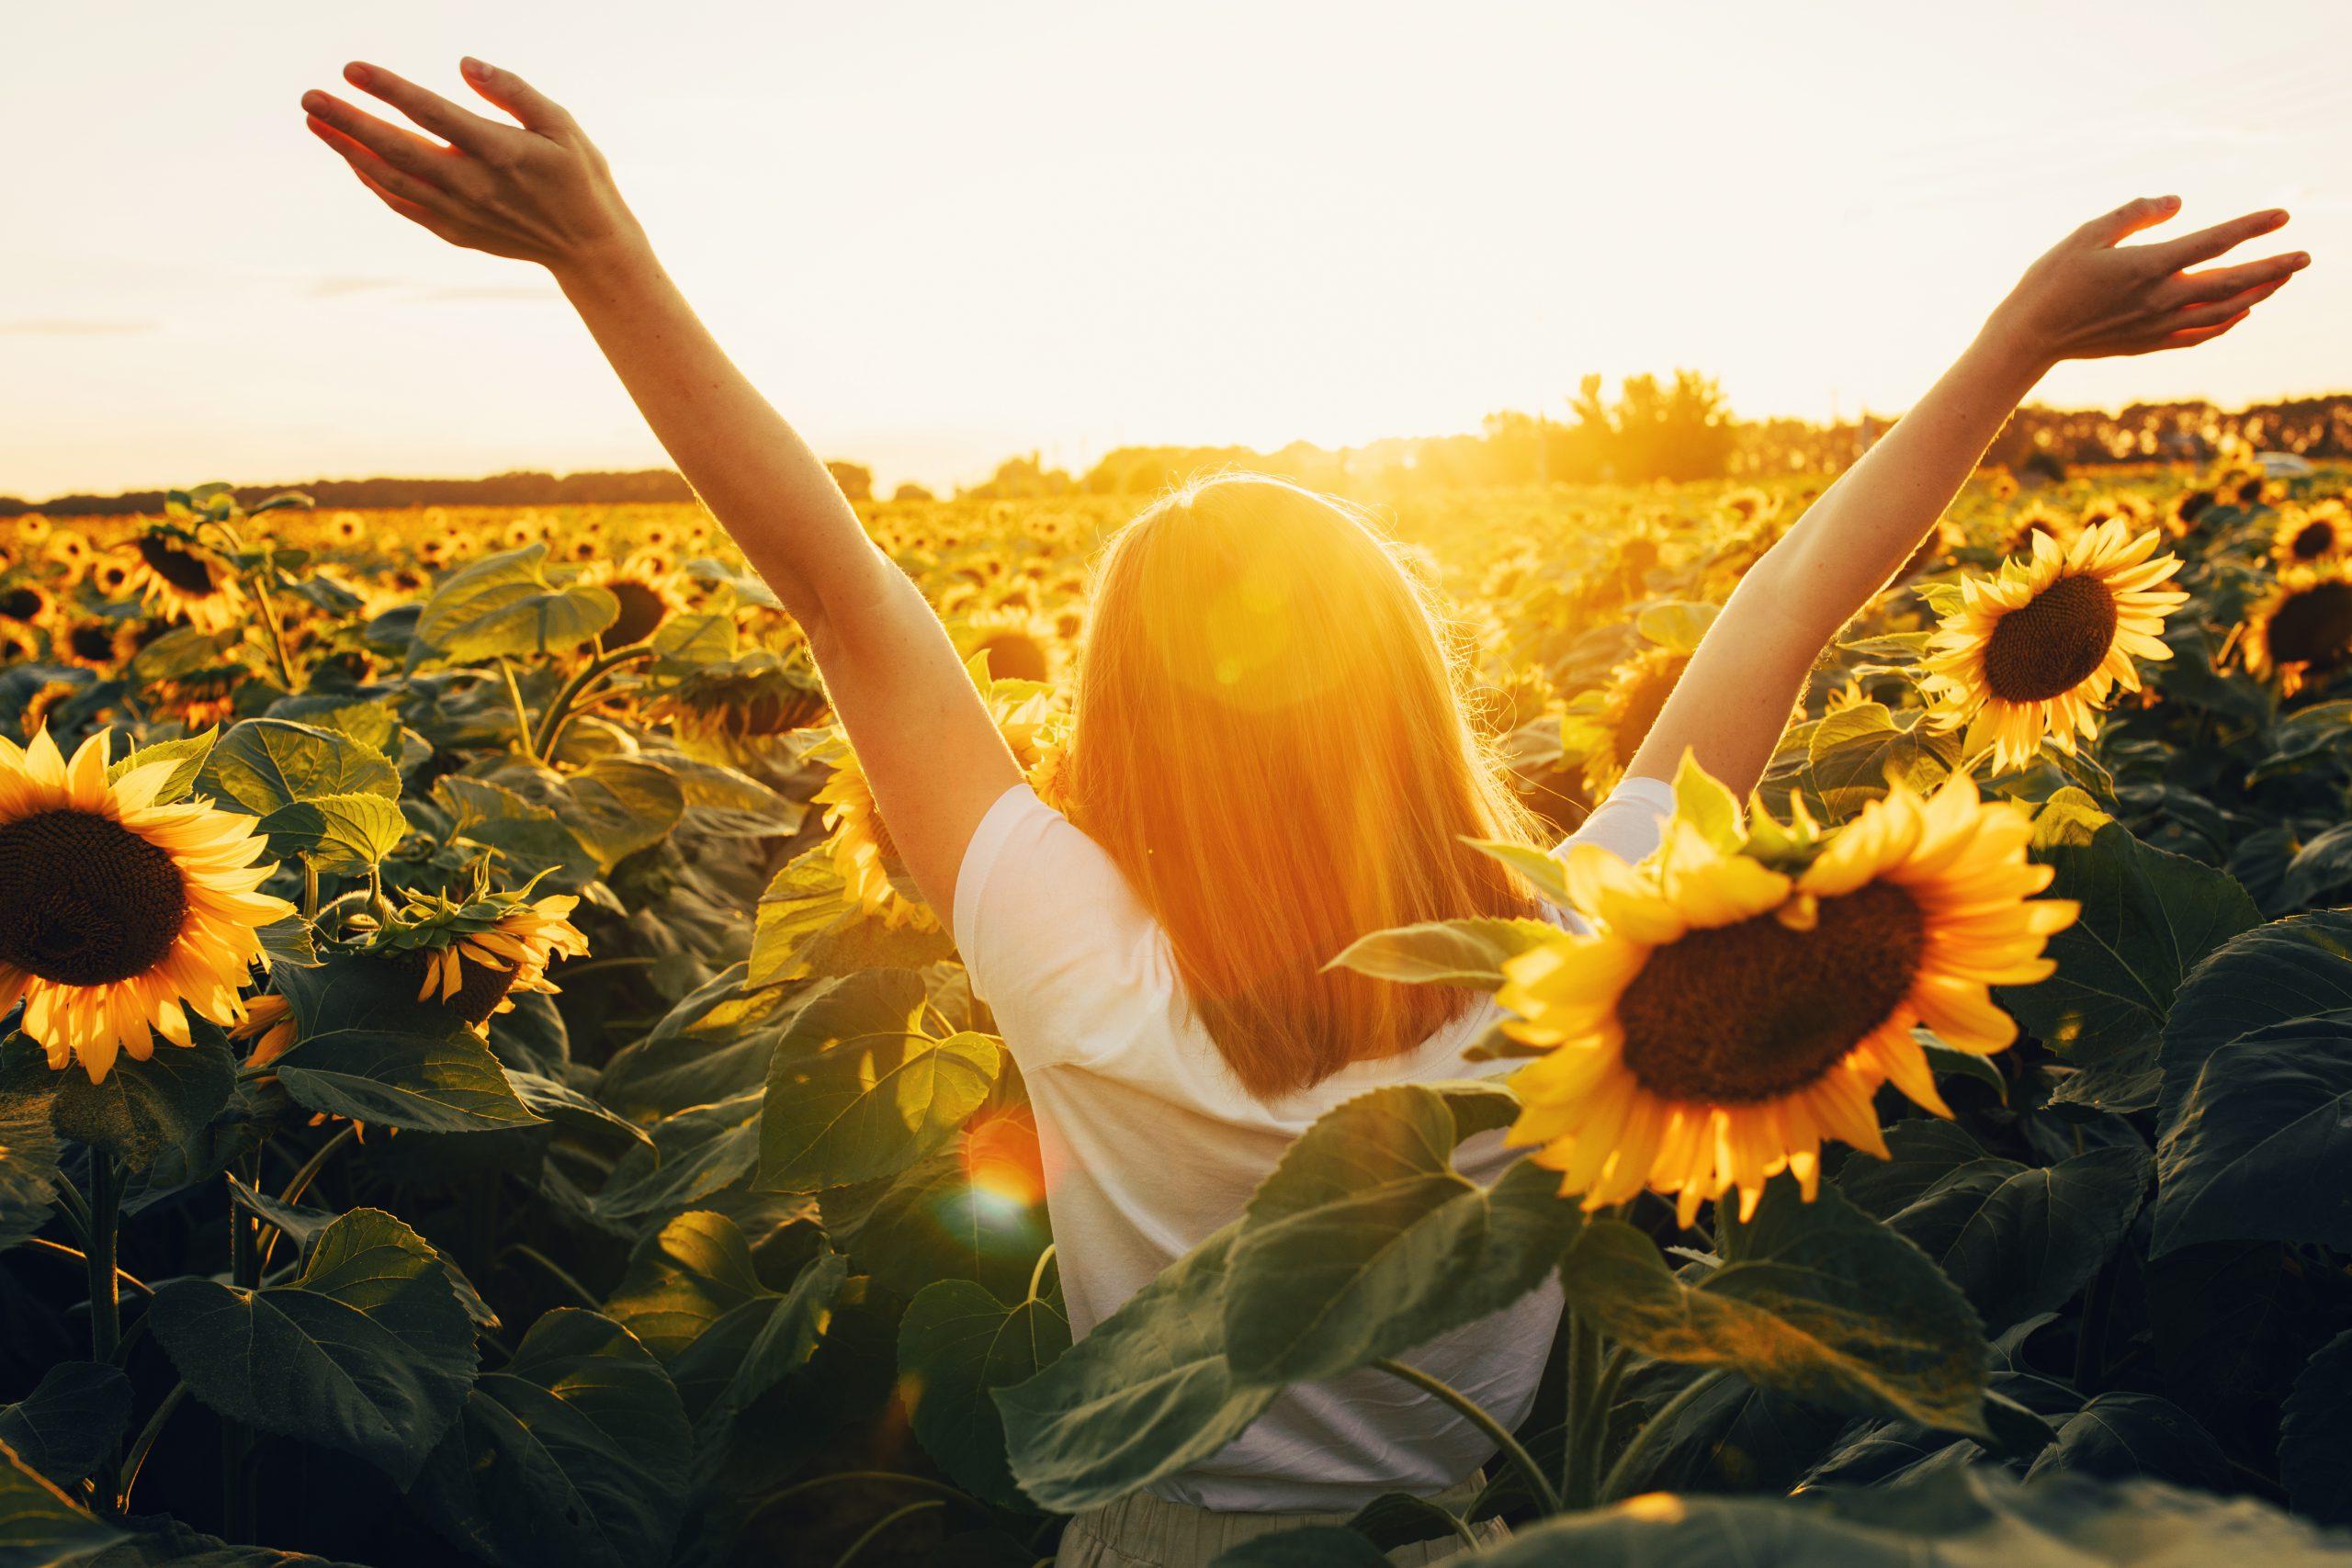 Ein Mensch steht in einem Sonnenblumenfeld